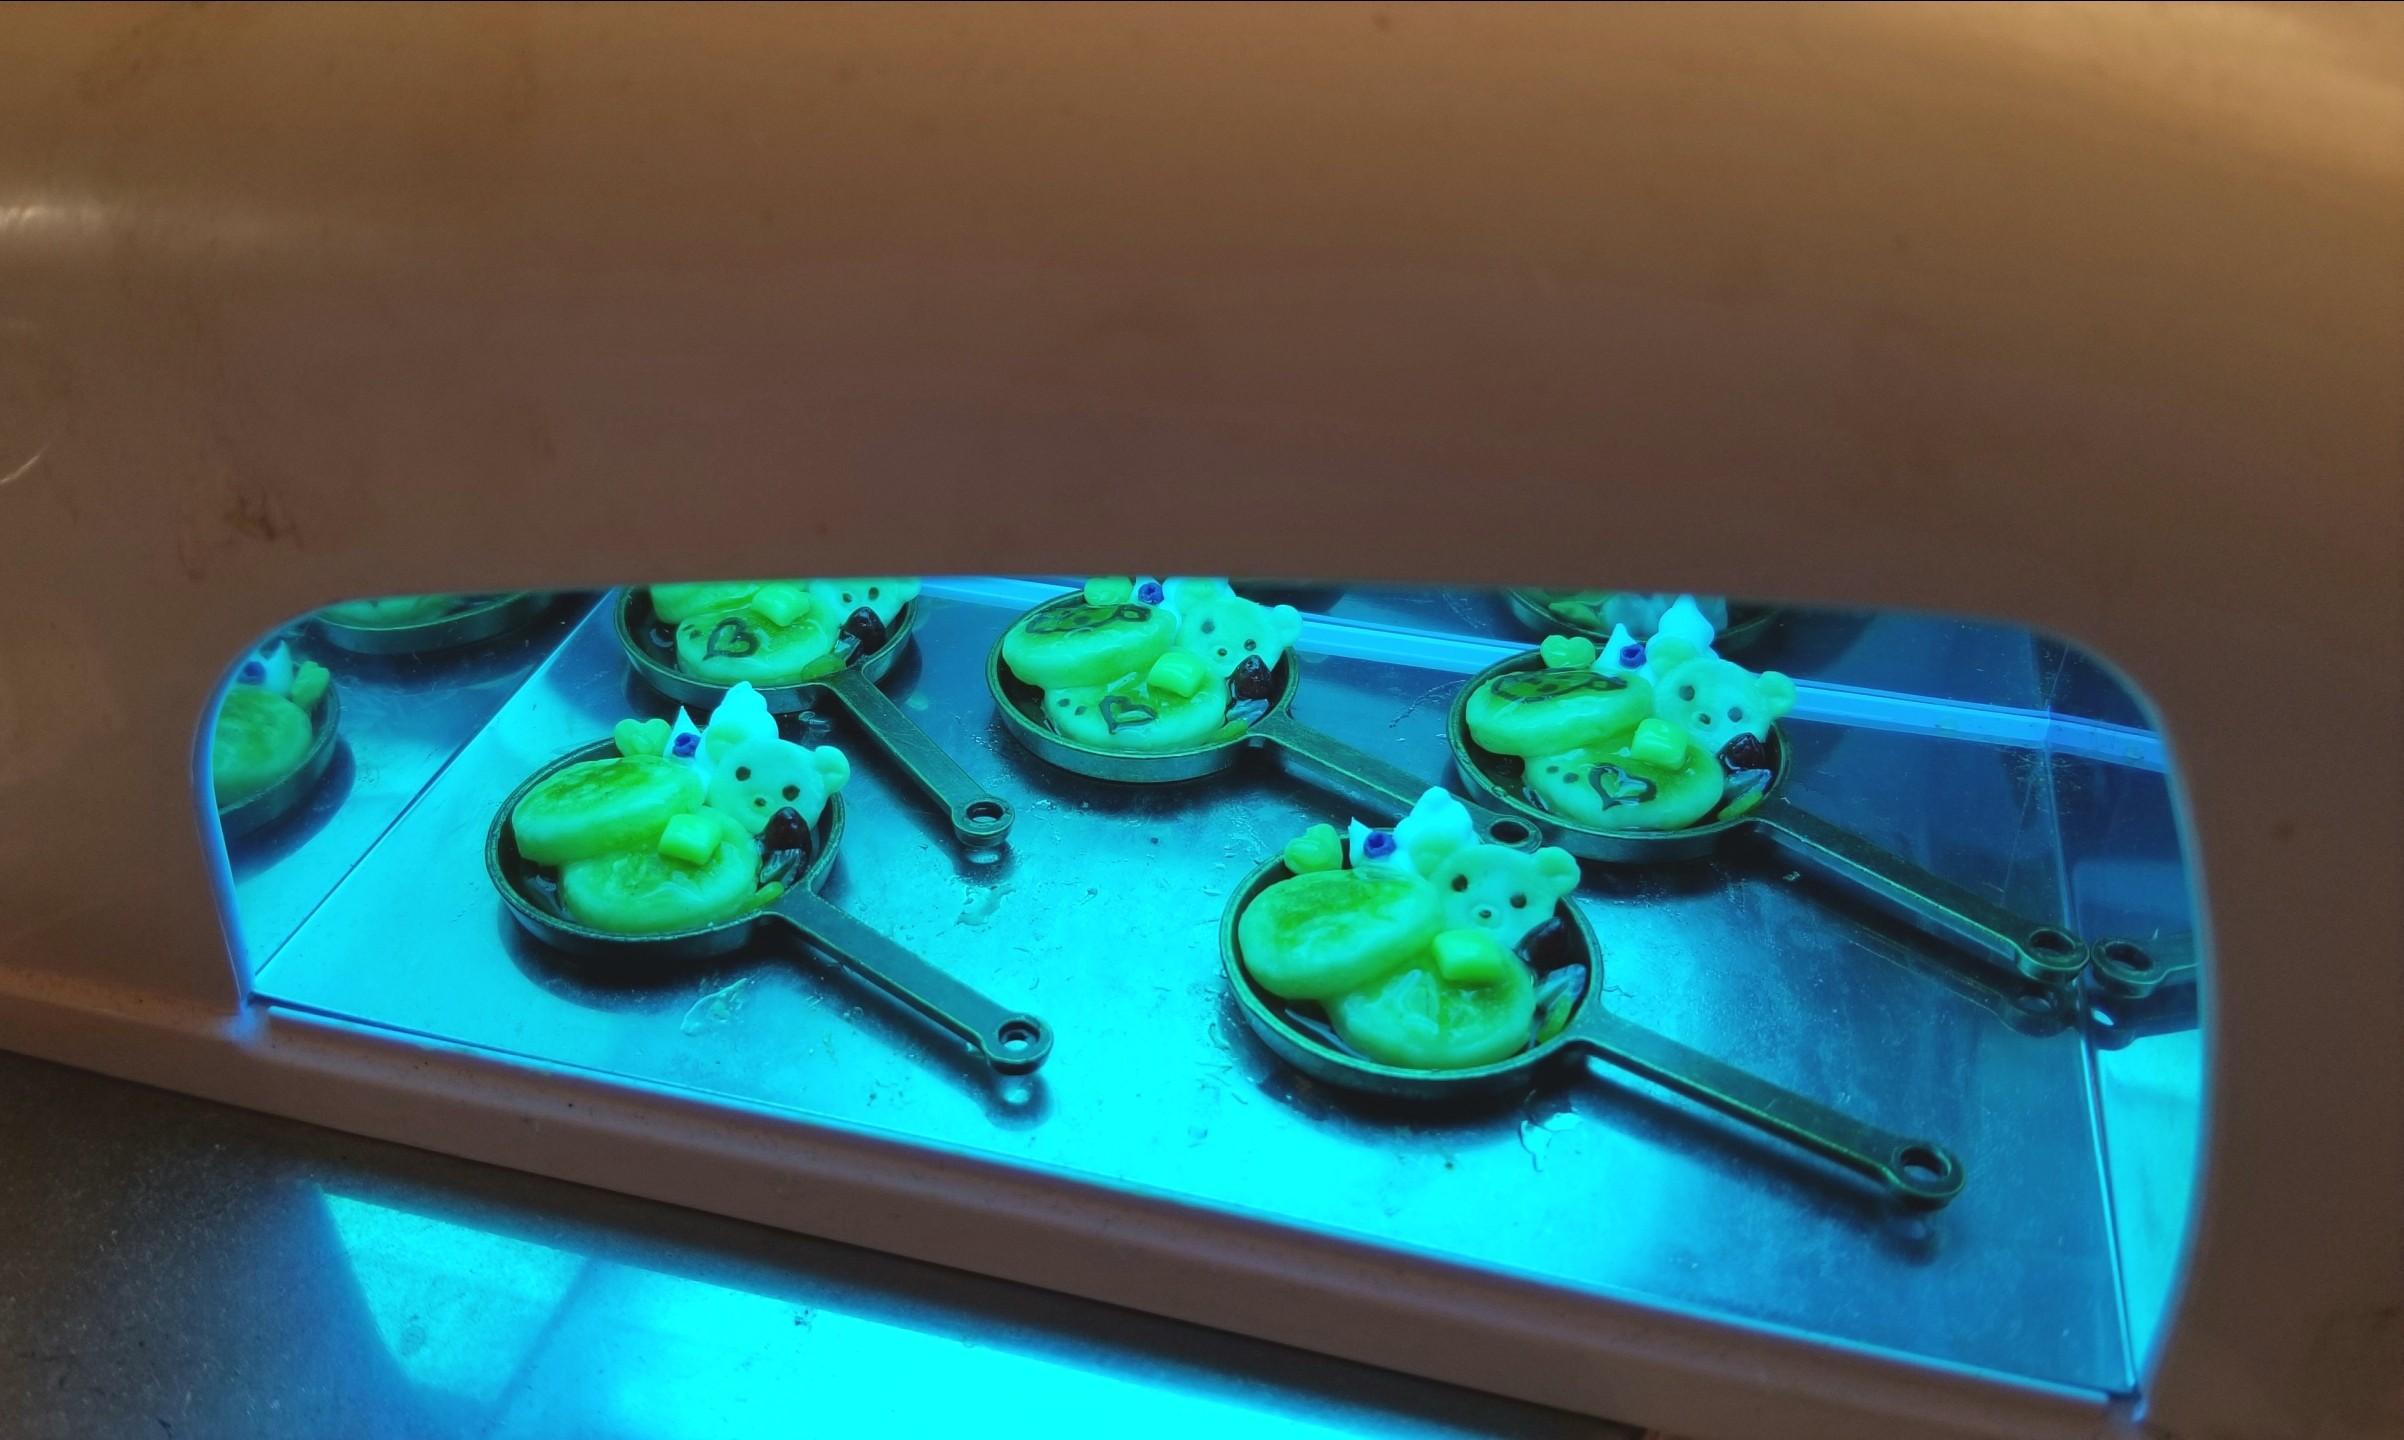 ミニチュア,クマちゃんホットケーキの作り方,ドールハウス,食品